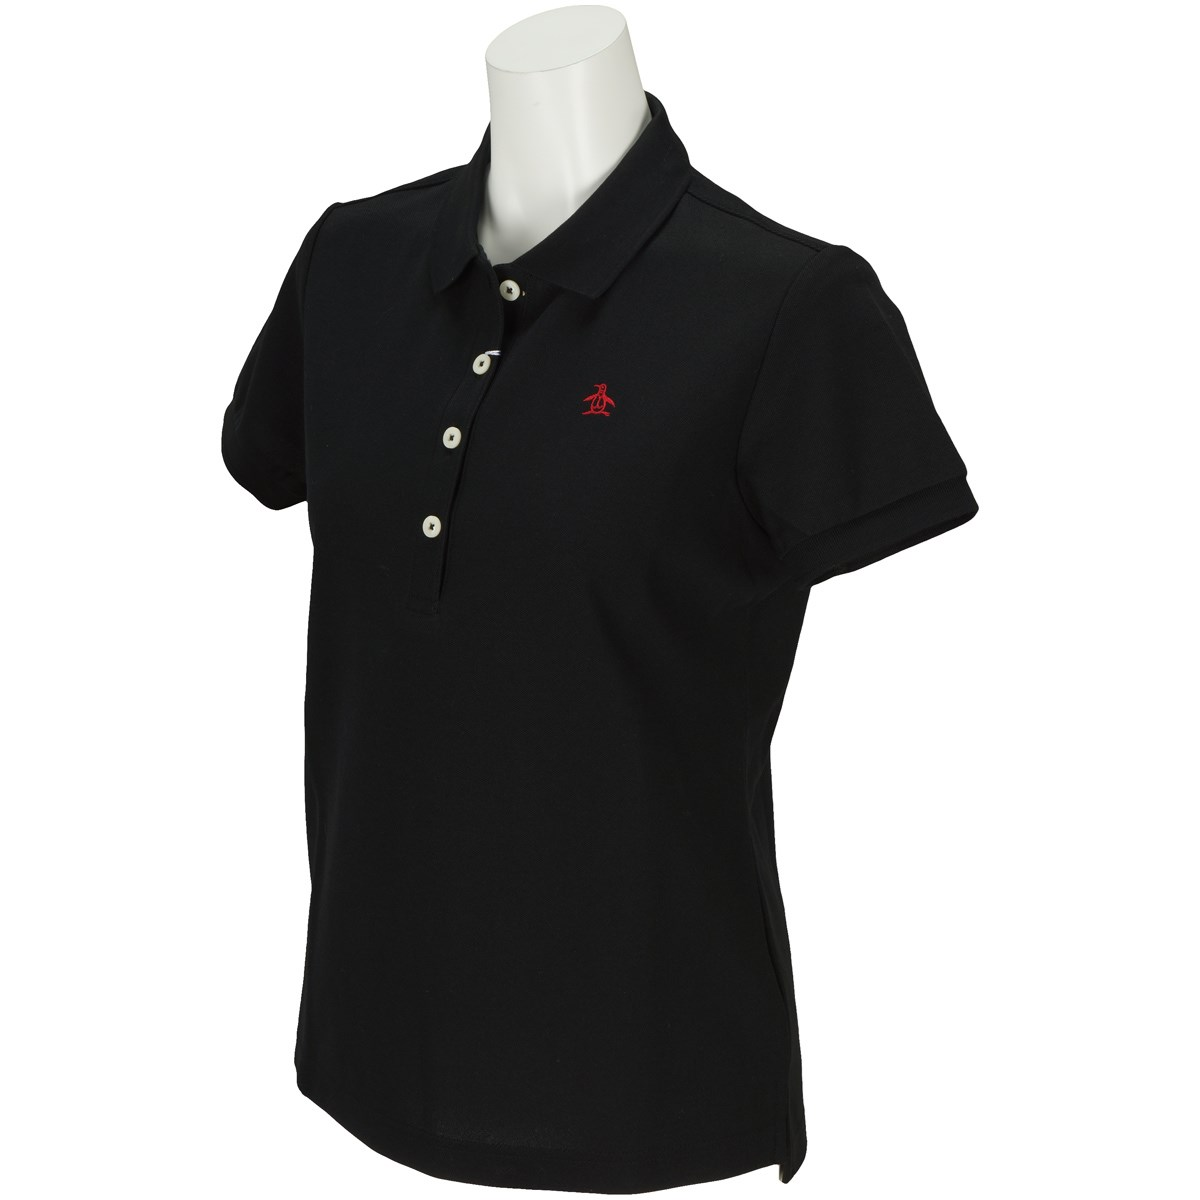 マンシングウェア Munsingwear 半袖ポロシャツ M ブラック N100 レディス